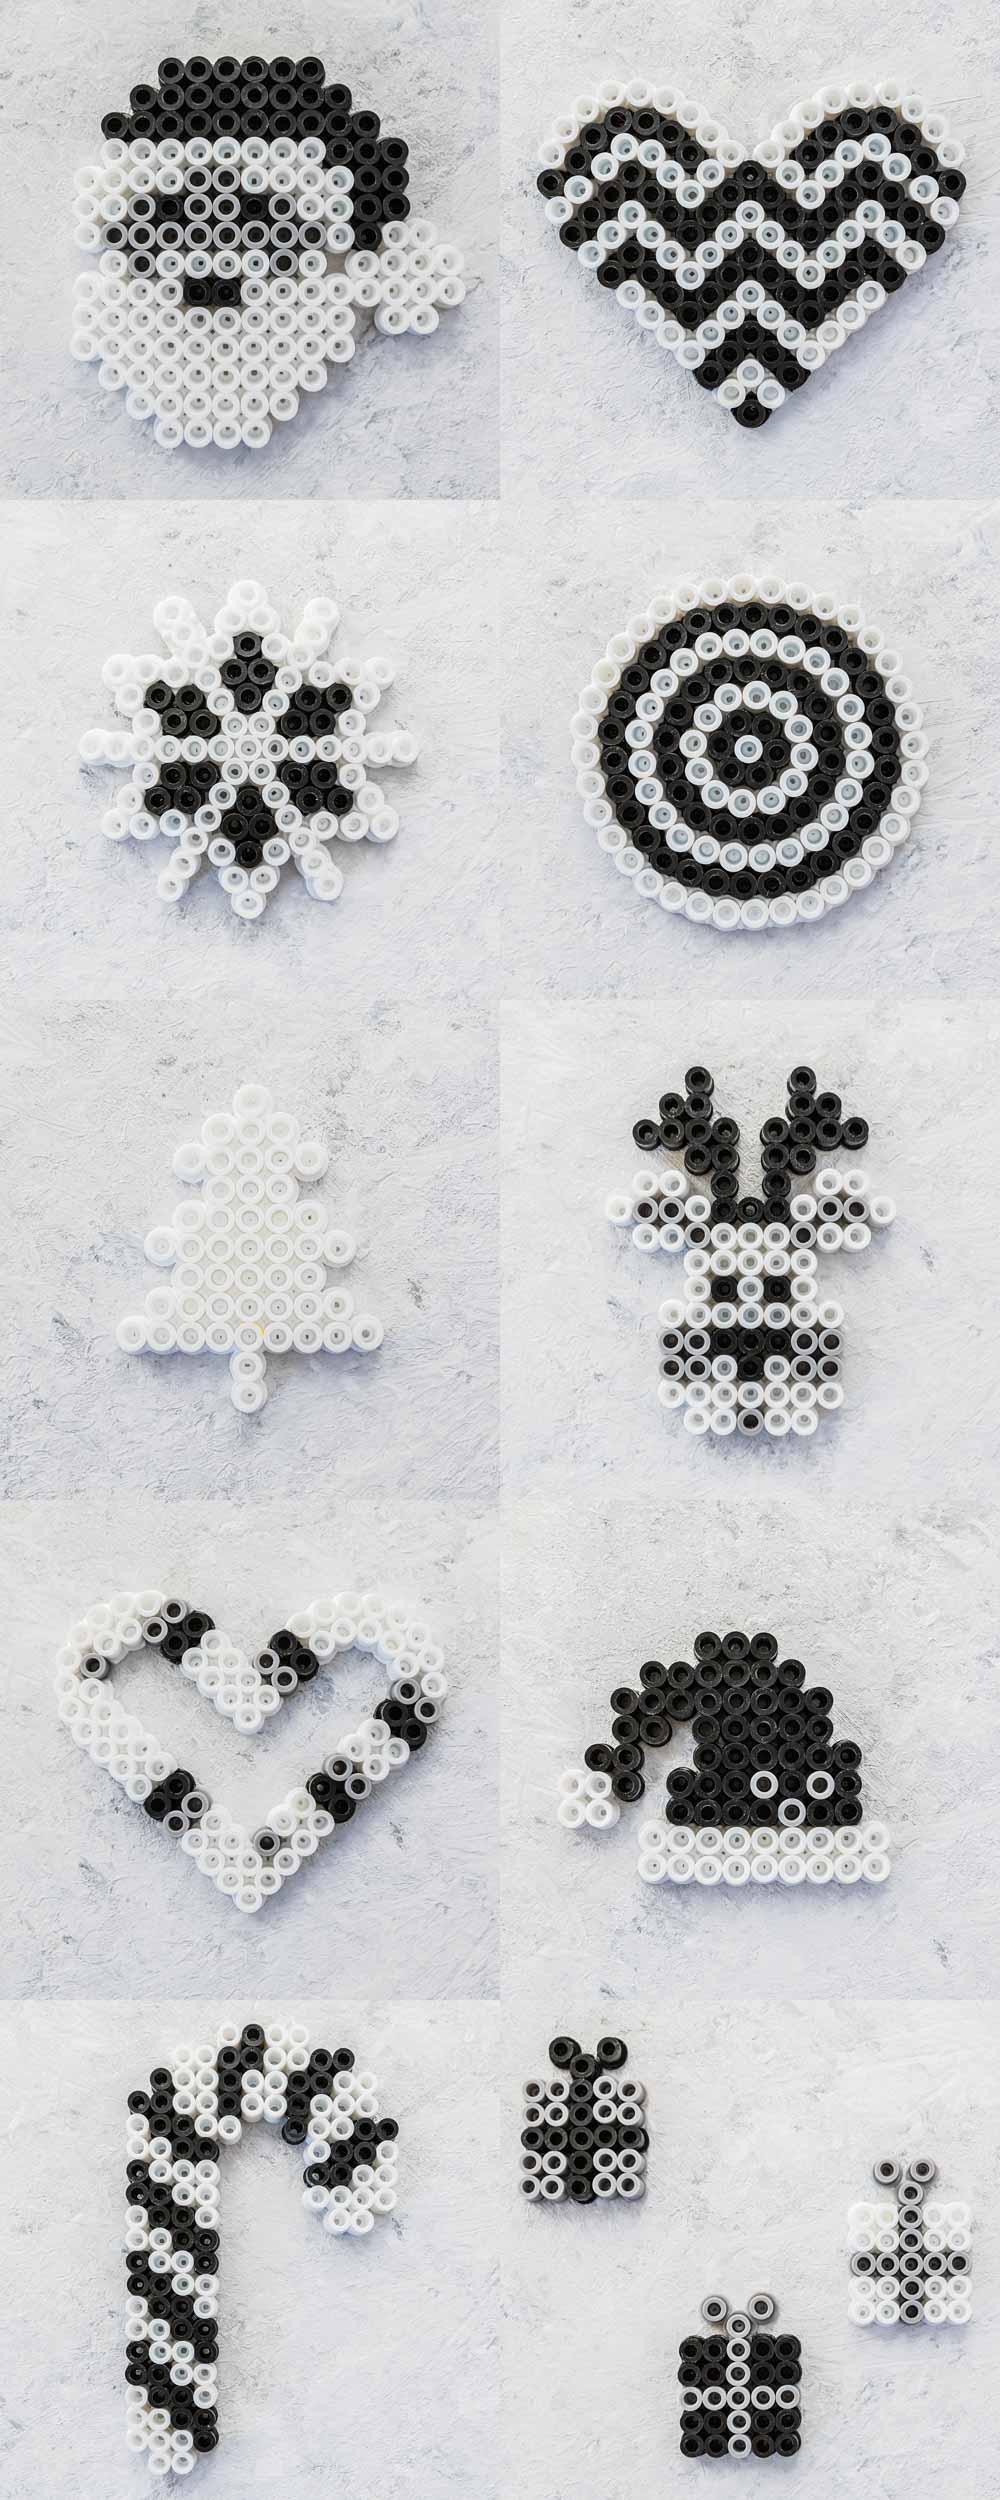 weihnachtskarten basteln mit b gelperlen mrsberry familien reiseblog ber das leben und. Black Bedroom Furniture Sets. Home Design Ideas